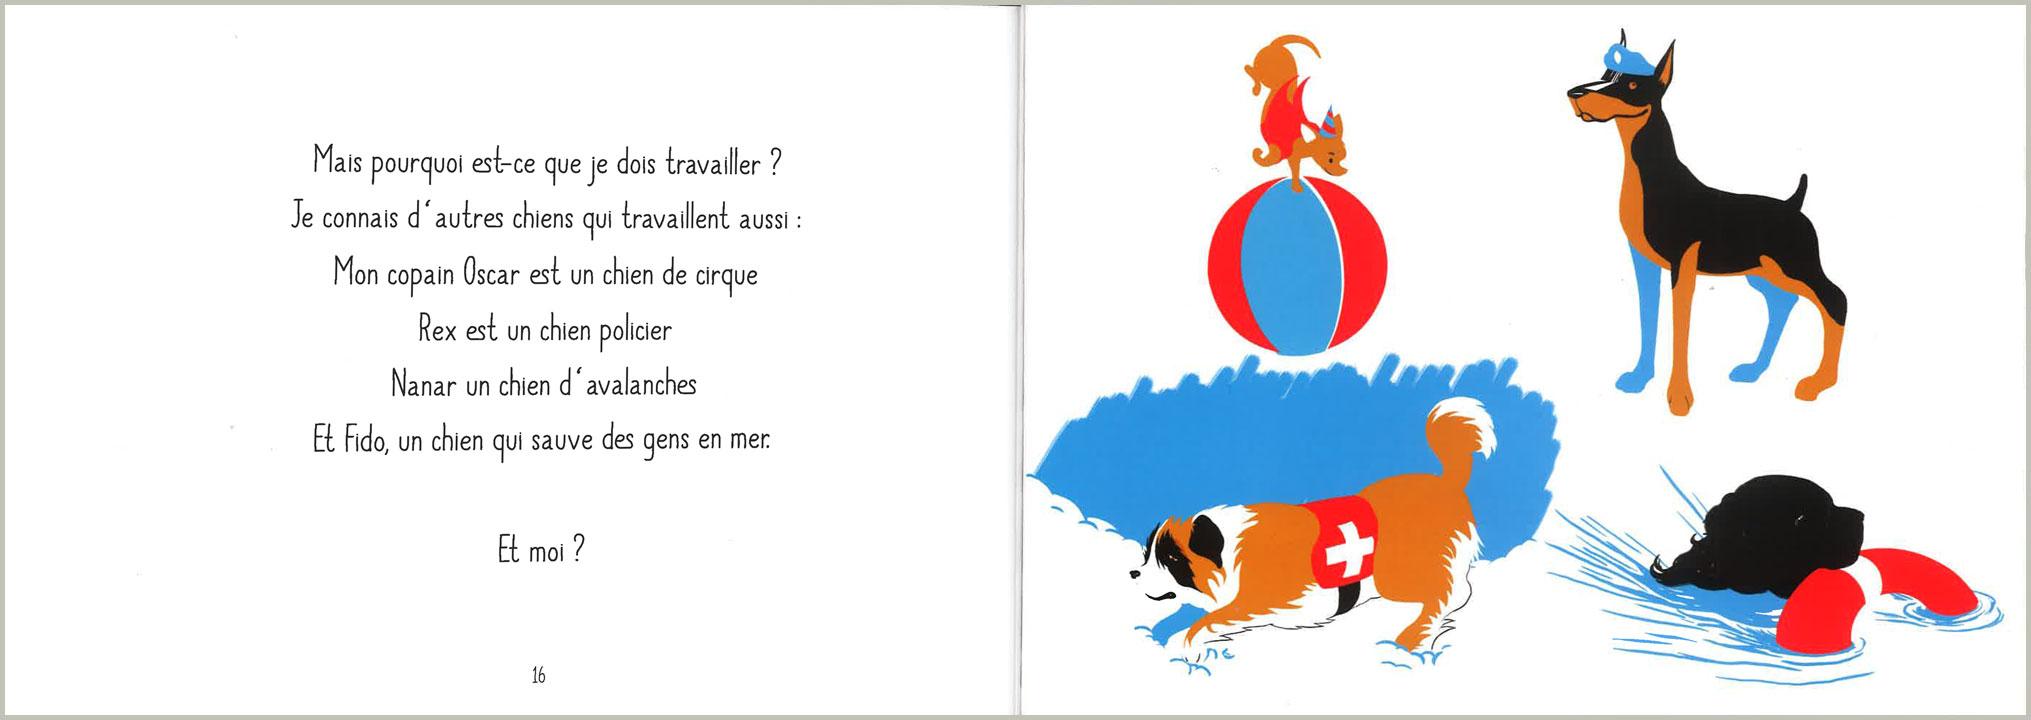 Pages intérieurs du livre